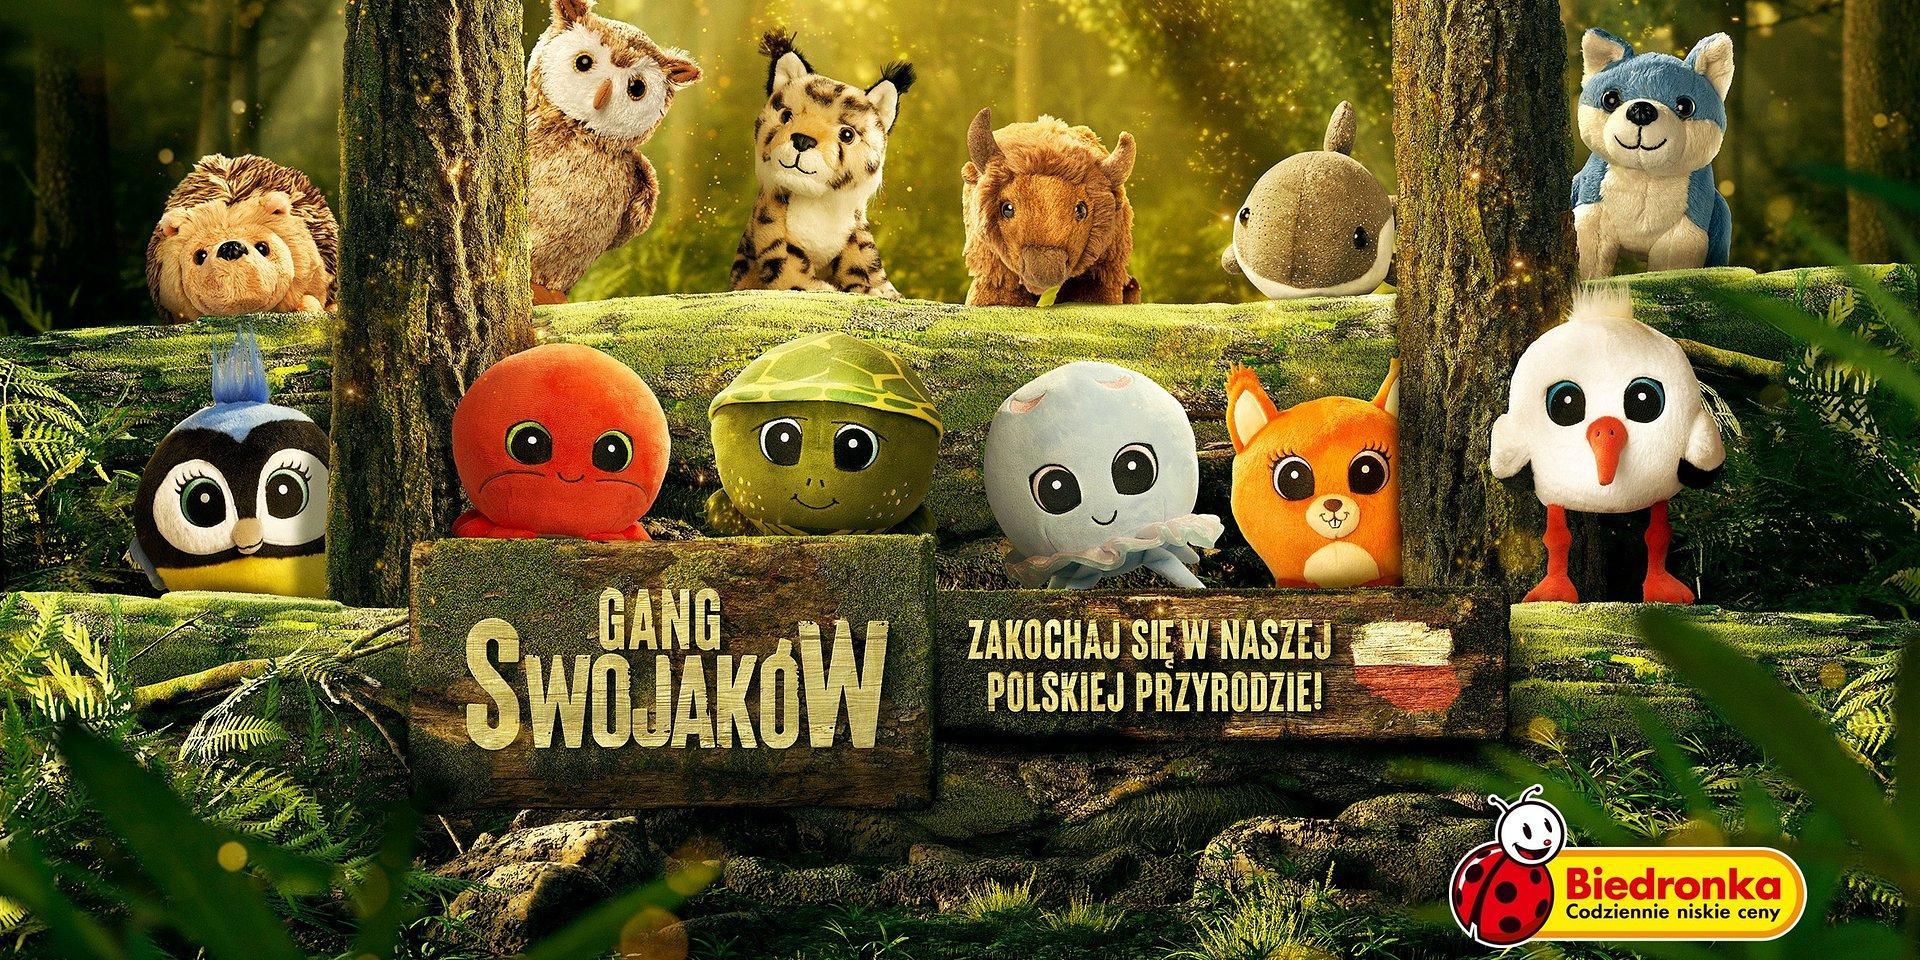 Nadciąga Gang, który pomaga polskim zwierzętom. Biedronka przedstawia Swojaki